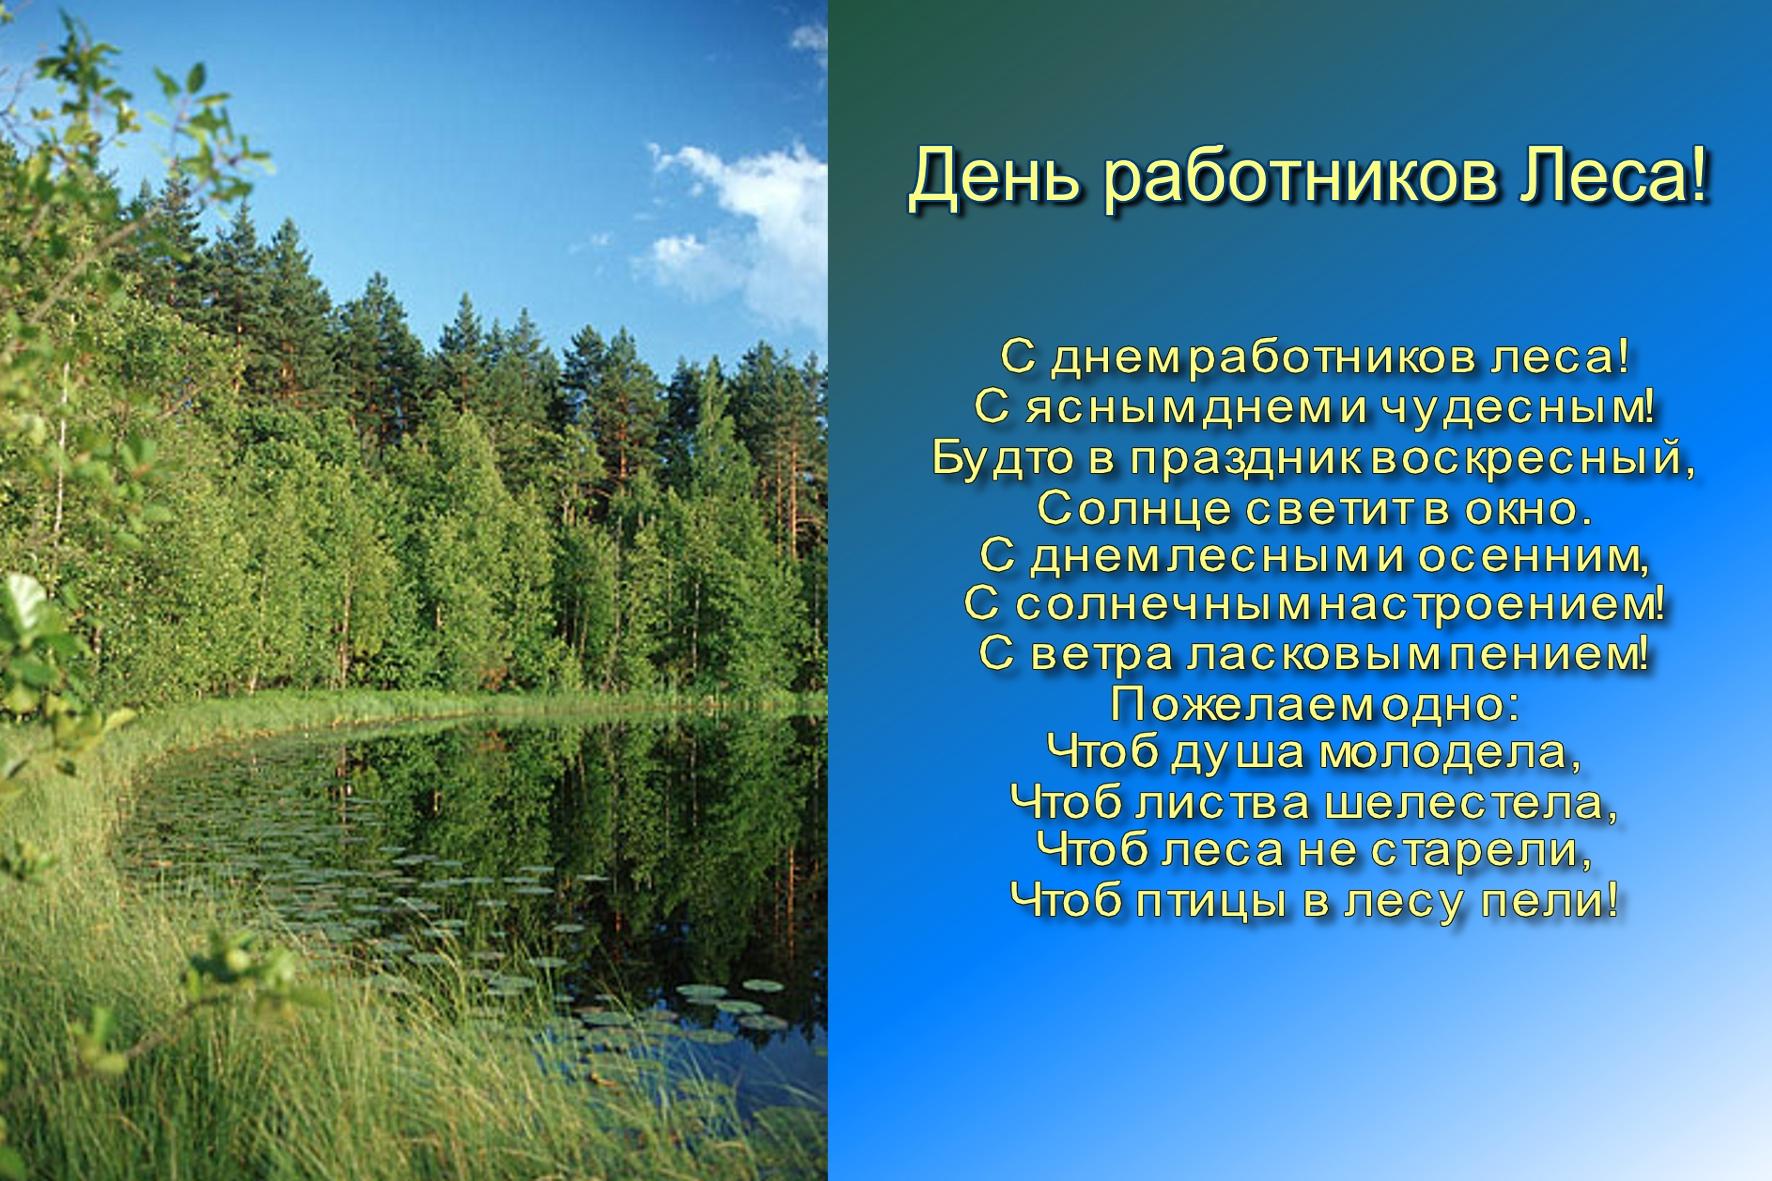 http://s5.uploads.ru/d8YPj.jpg